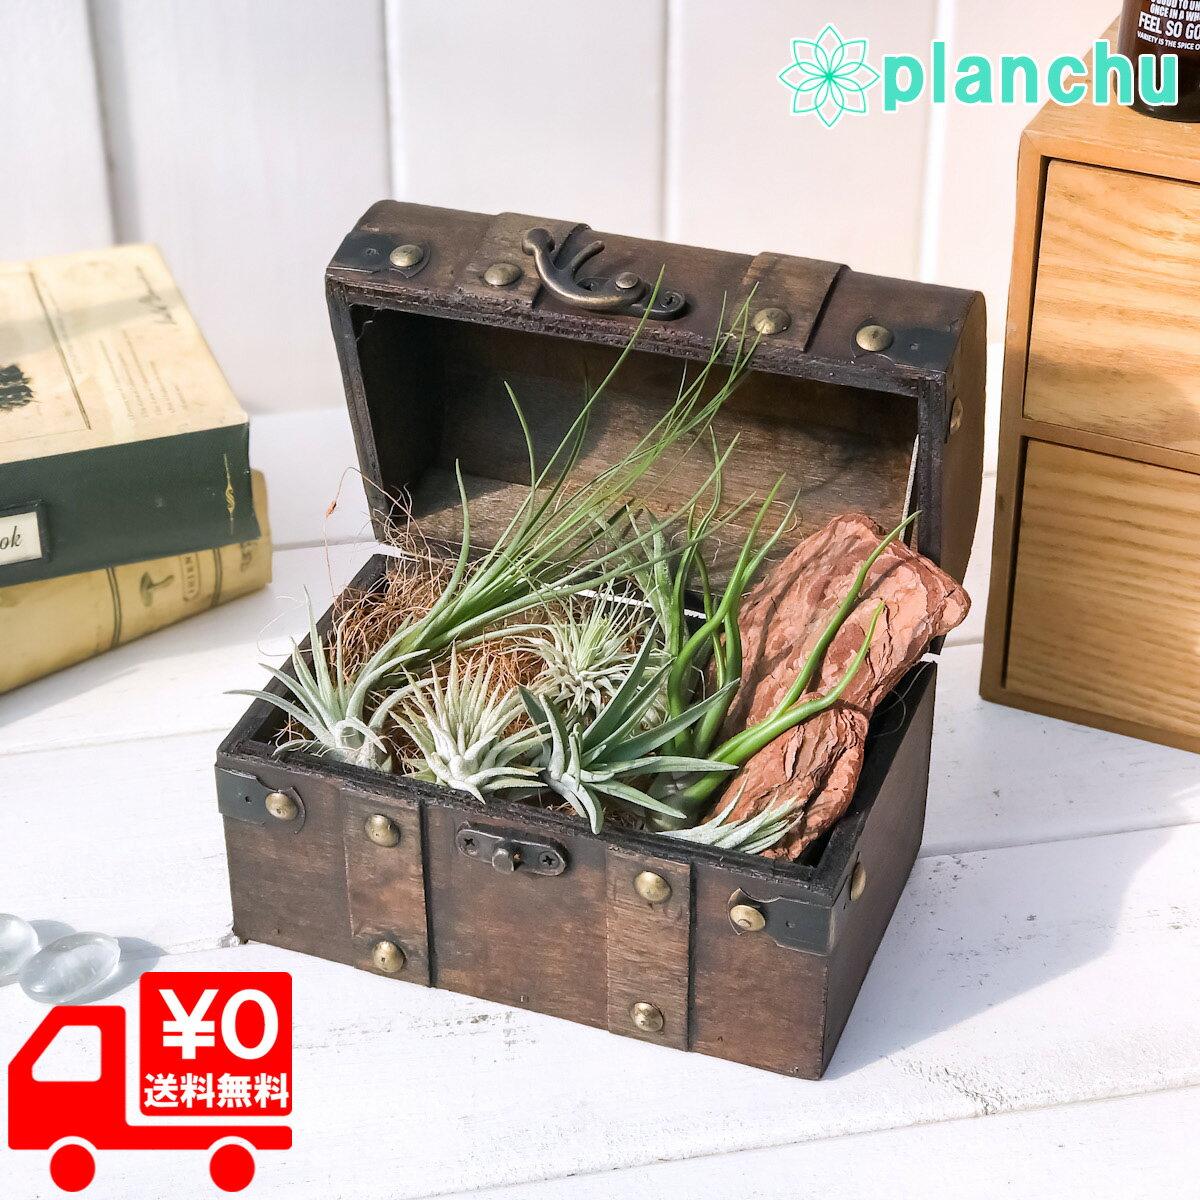 エアプランツ チランジア 8種 宝箱セット エアープランツ ティランジア 初心者向き Tillandsia ブロメリア ギフト